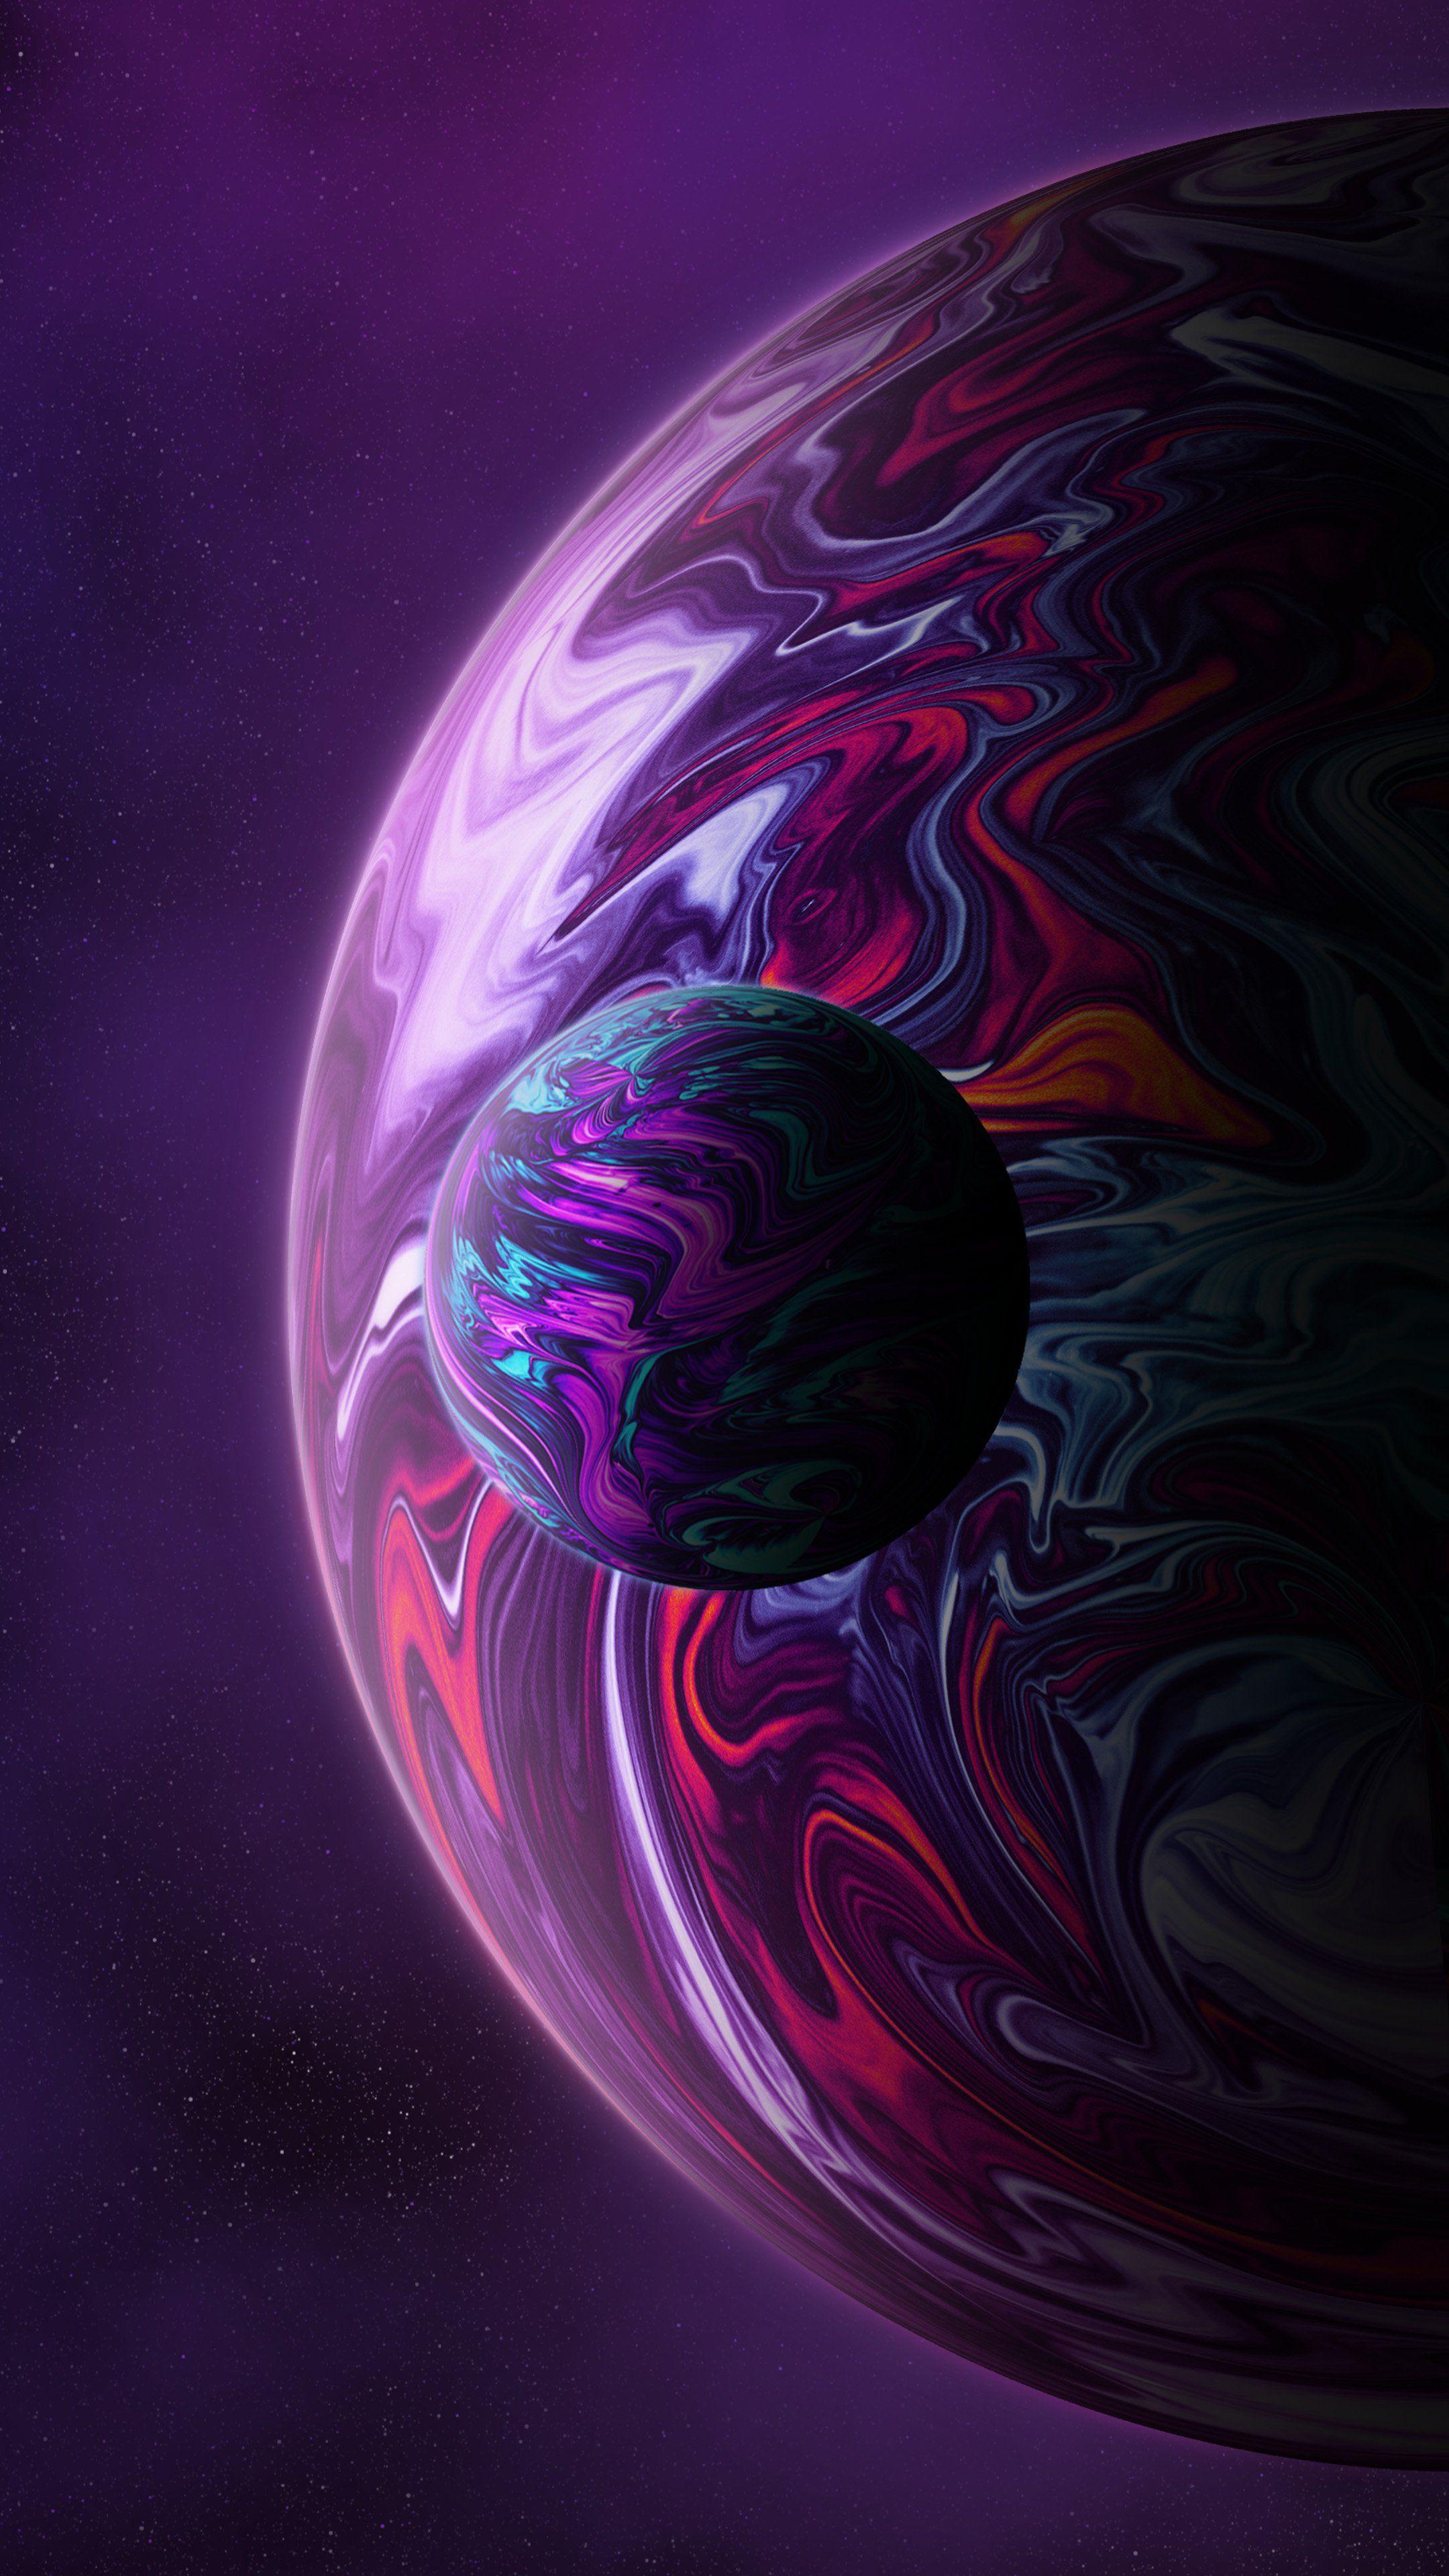 Планеты em 2020 Imagem de fundo para iphone, Papel de